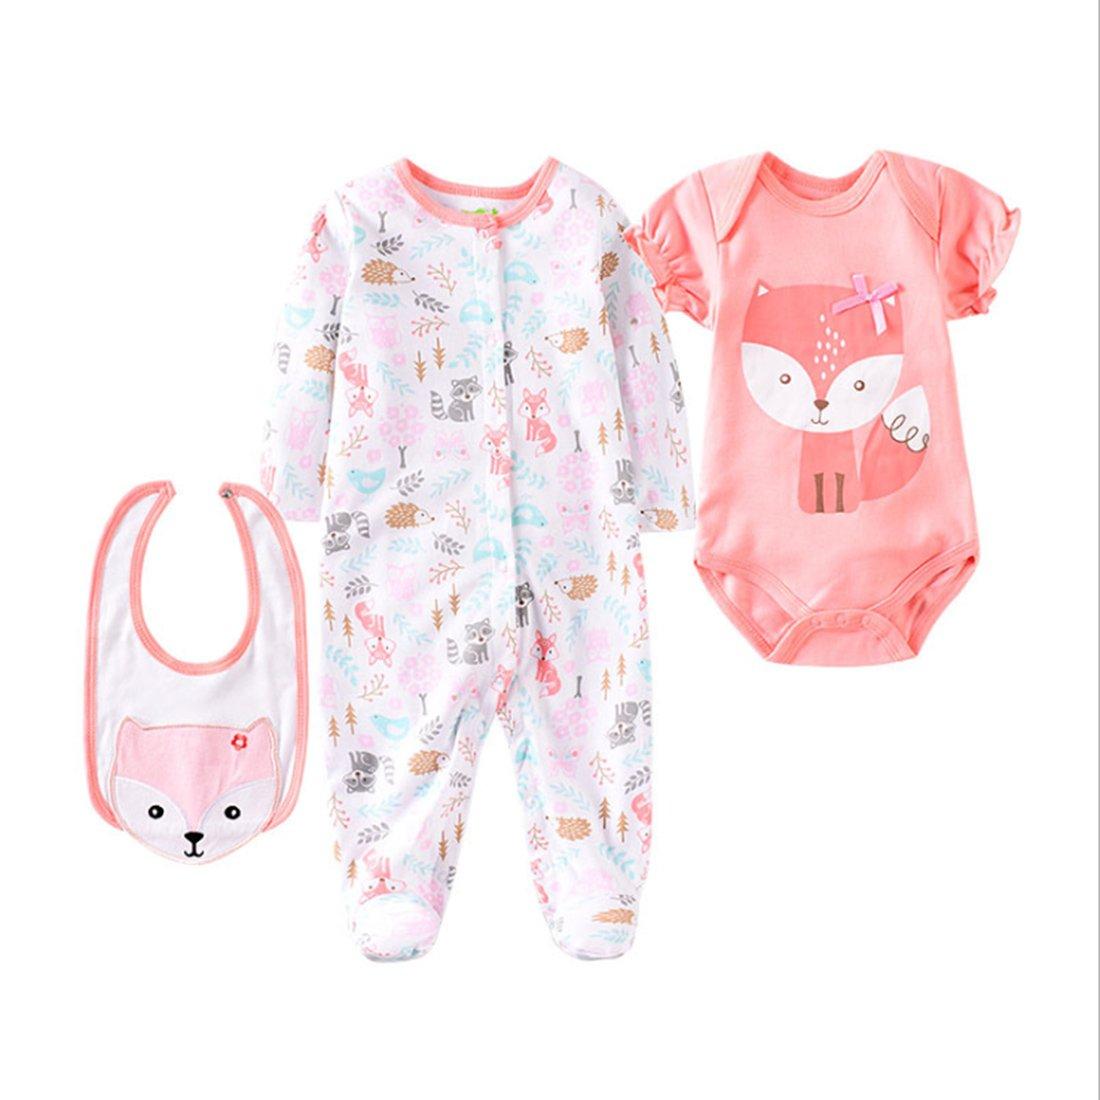 Vêtement Convient pour Les Vêtements de Poupée de 20-22 Pouces, Bébé Reborn Baby Doll - Petit Renard Vêtement